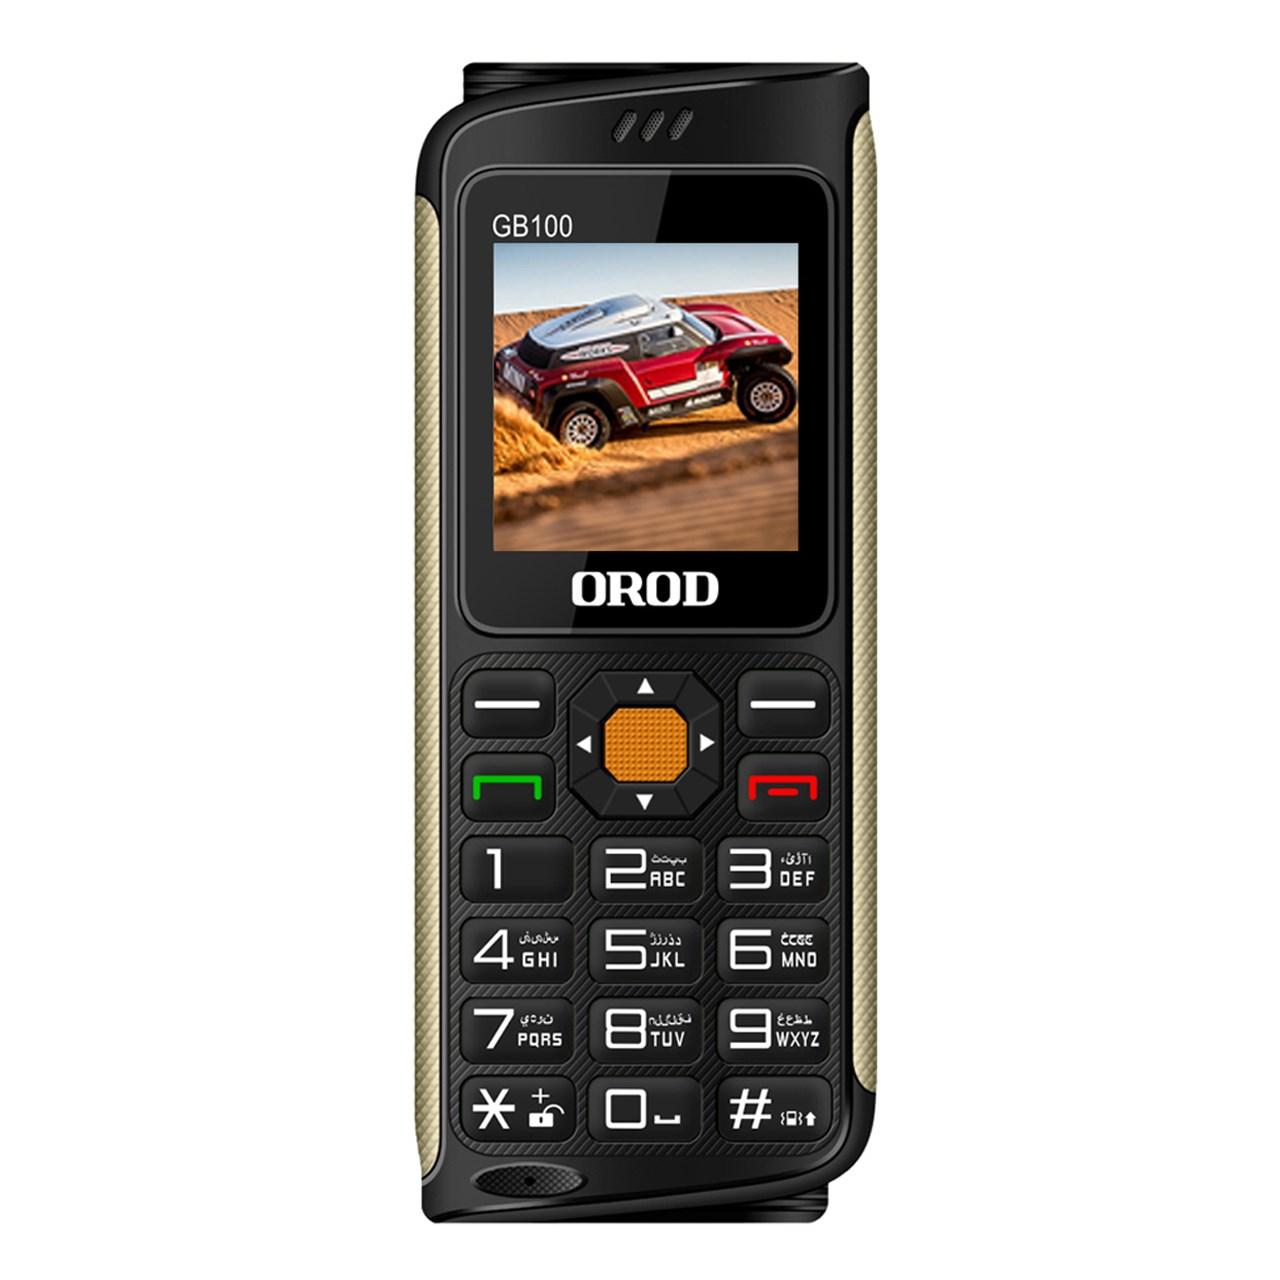 گوشی موبایل ارد مدل GB100 دو سیم کارت